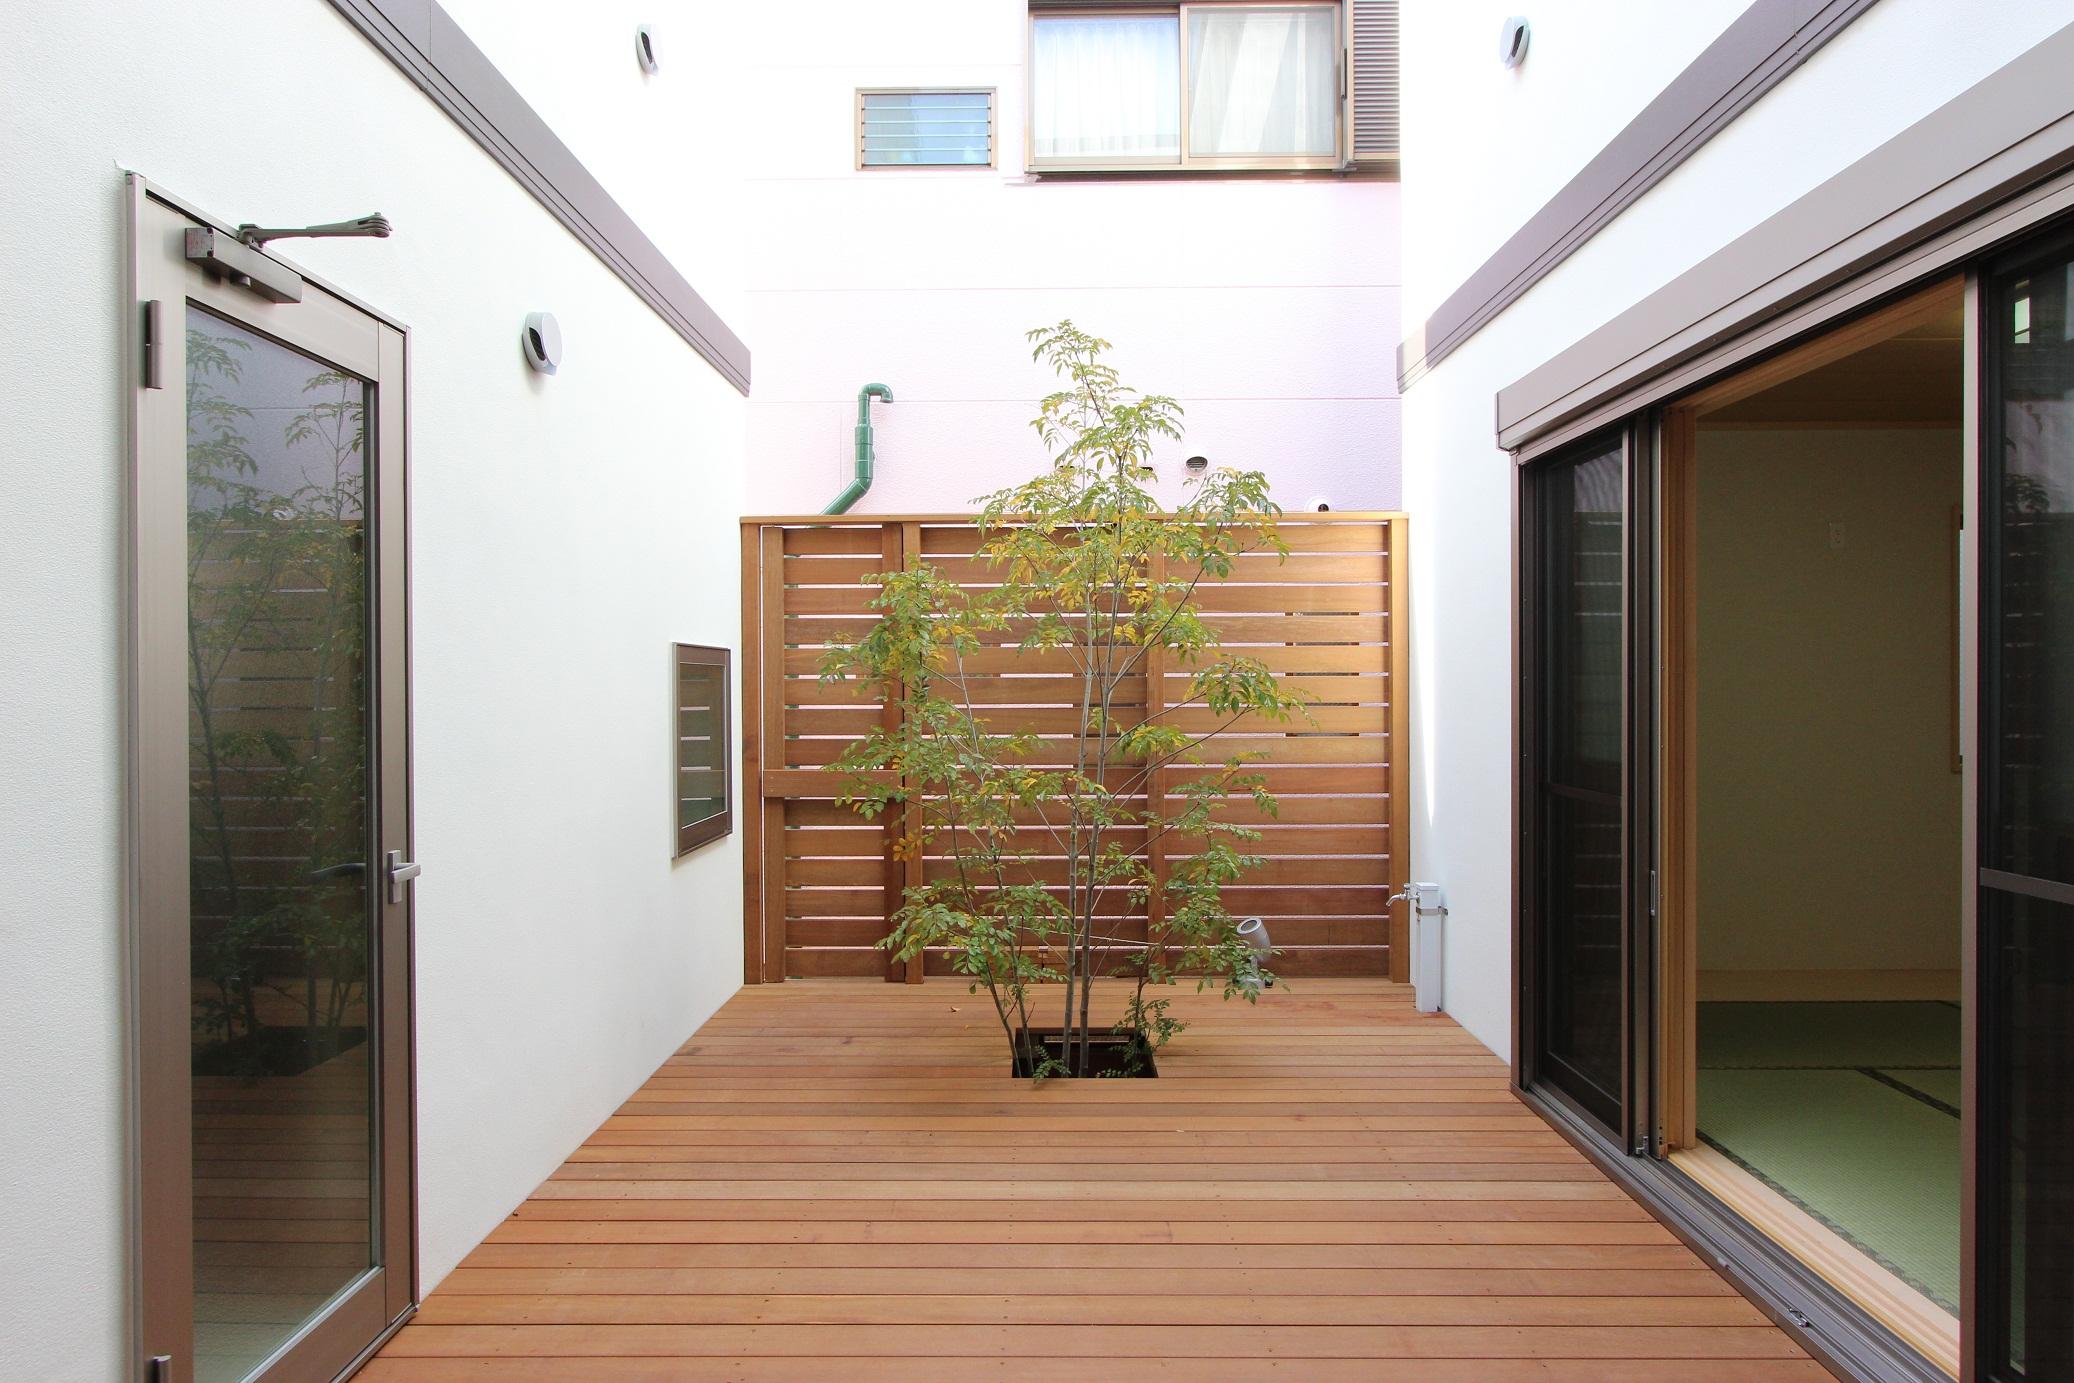 〔東京/足立区〕木造 中庭